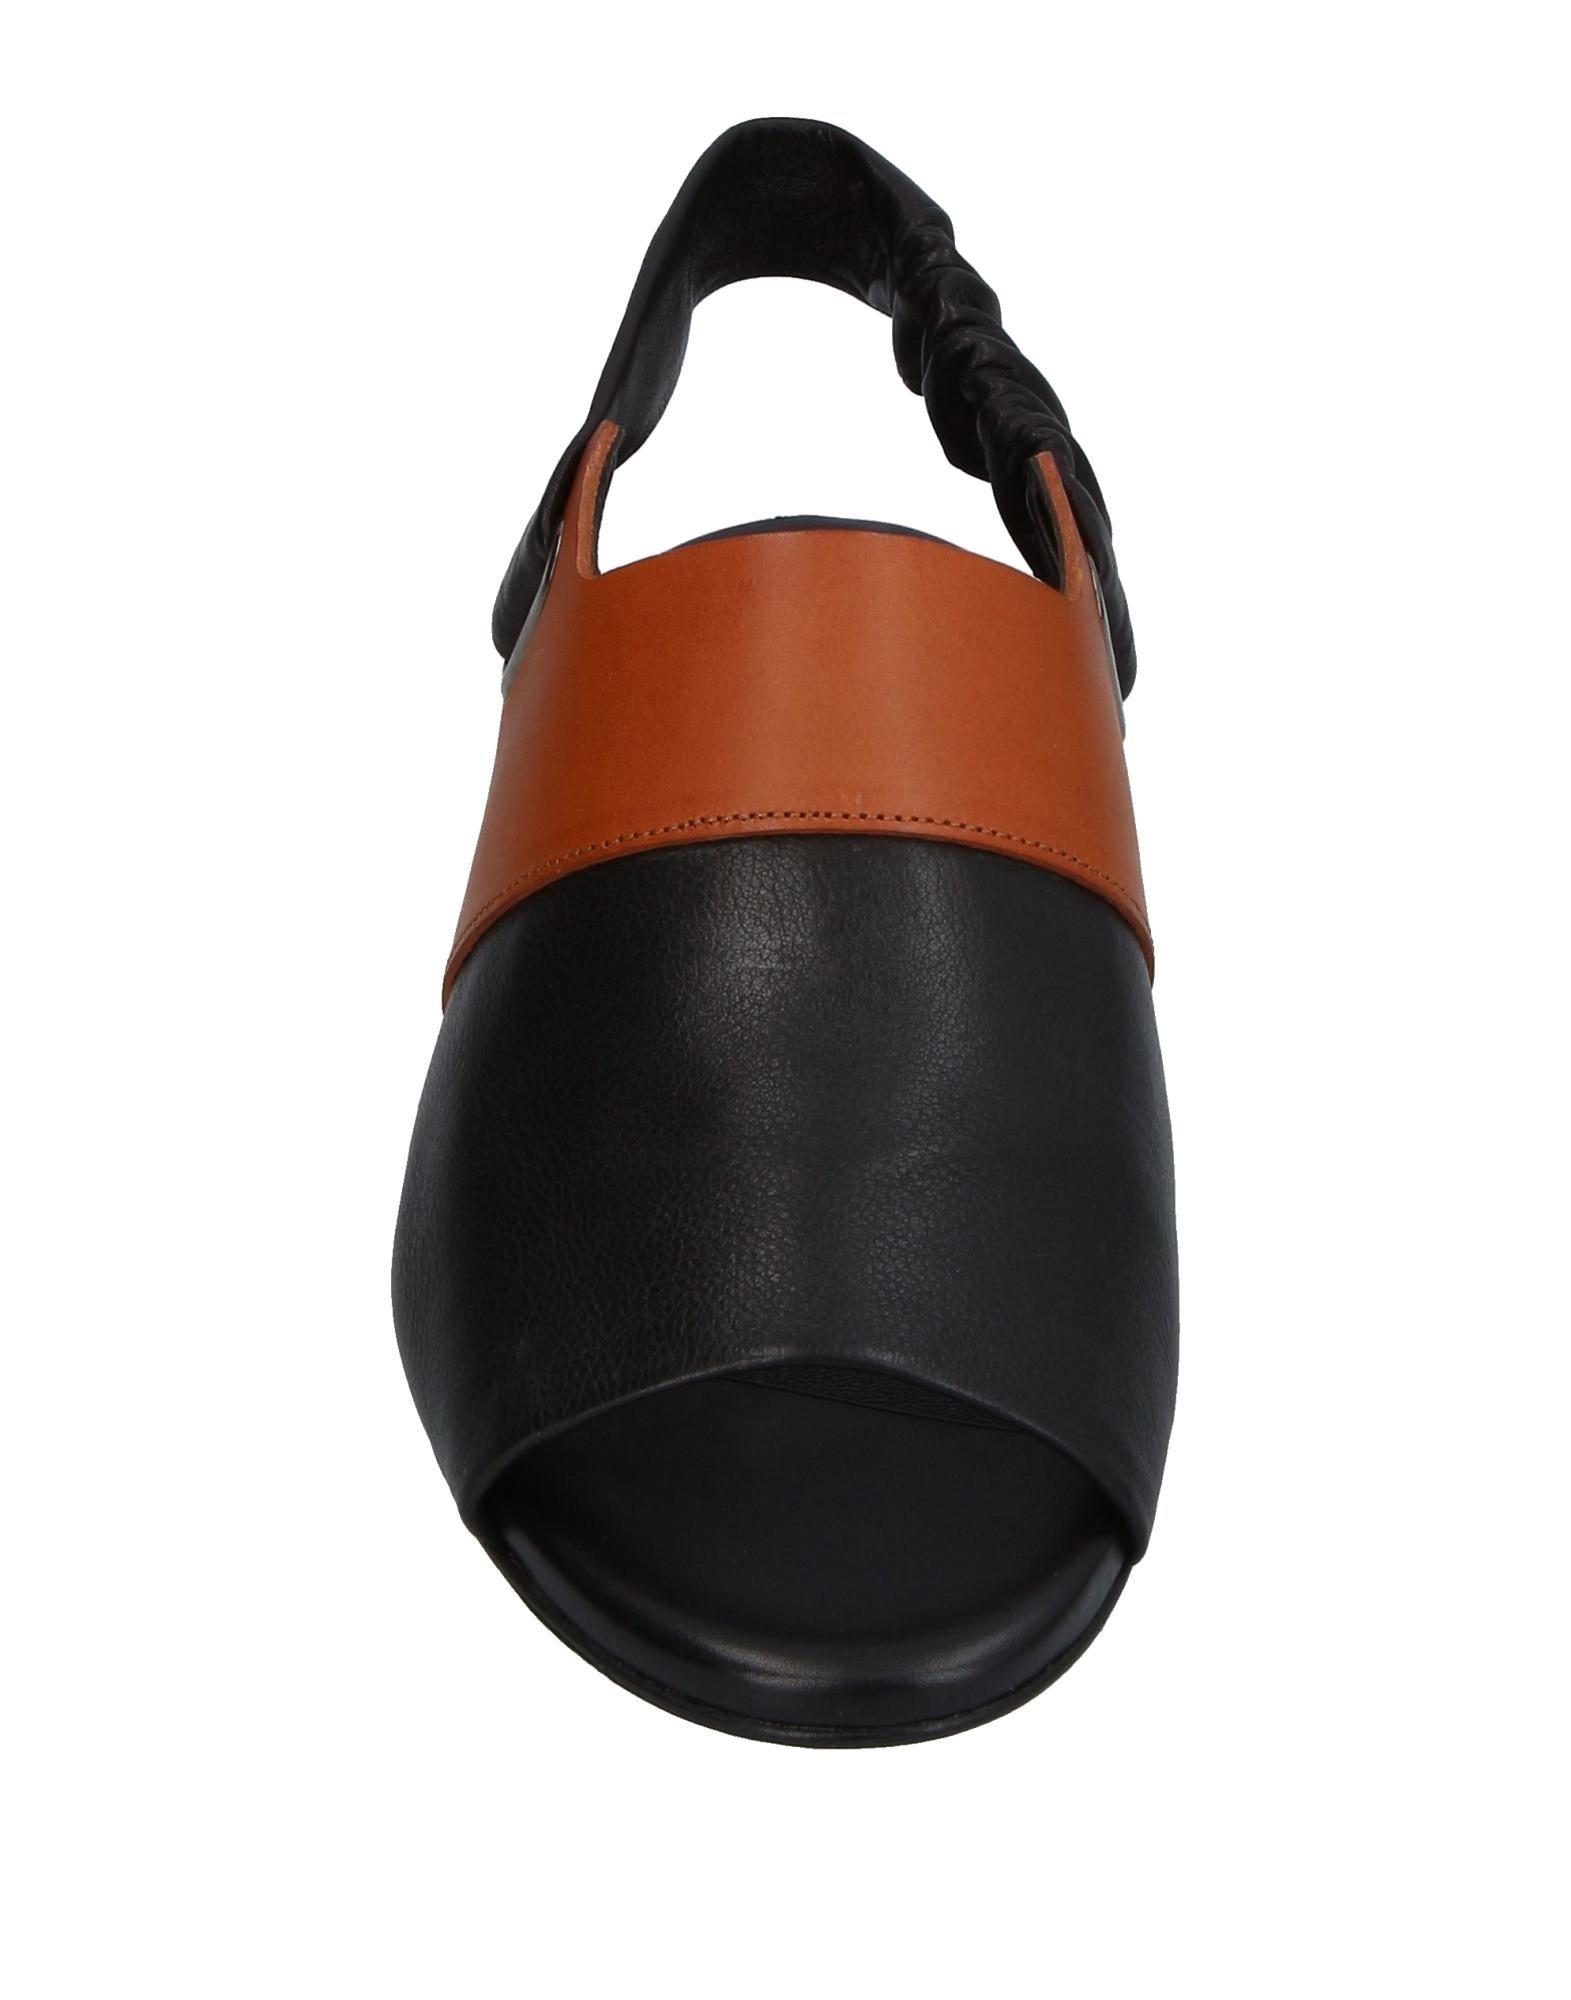 Robert Clergerie  Sandalen Damen  Clergerie 11378232VQ Beliebte Schuhe 0d12f6